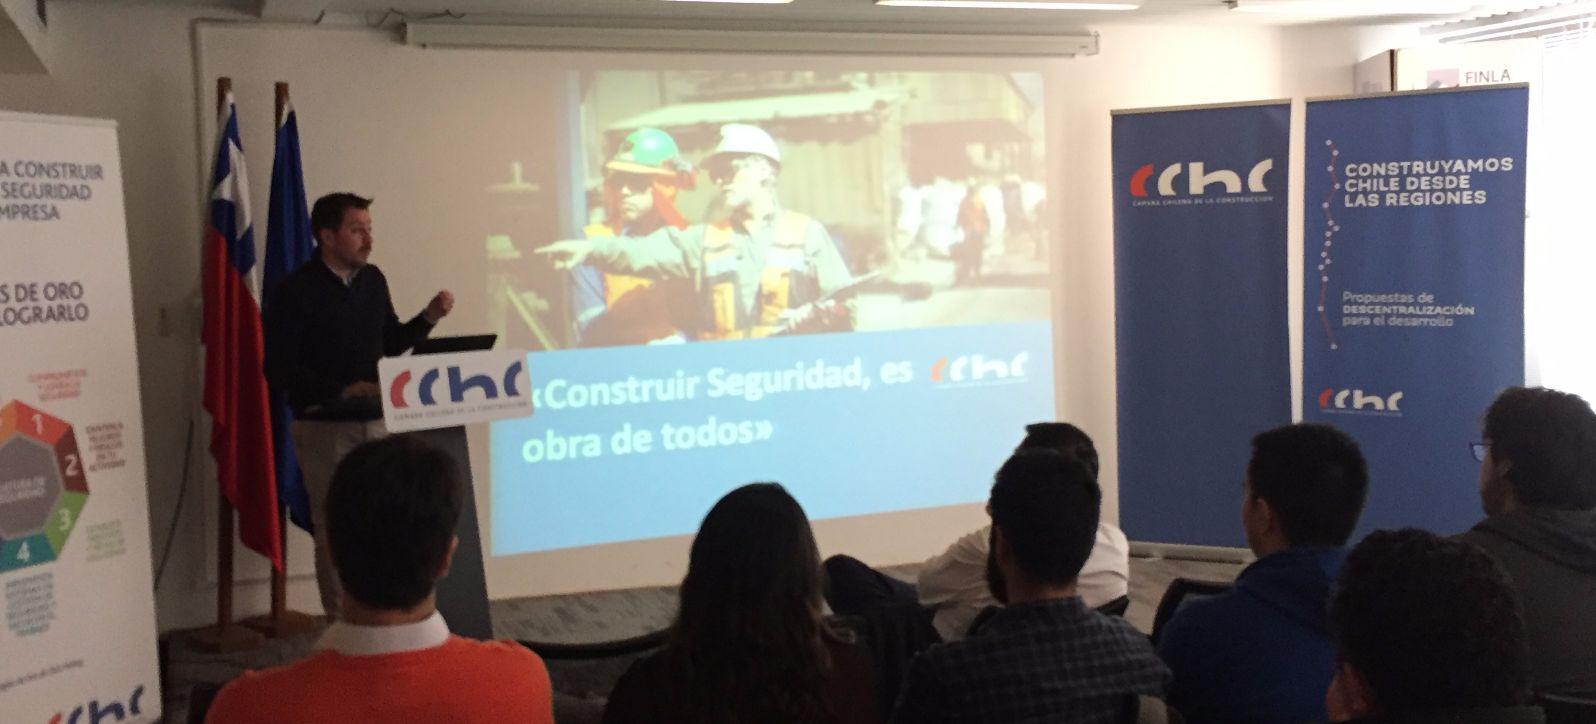 Futuros constructores de Los Ángeles participan en taller de liderazgo en seguridad <mark>laboral</mark> noticias